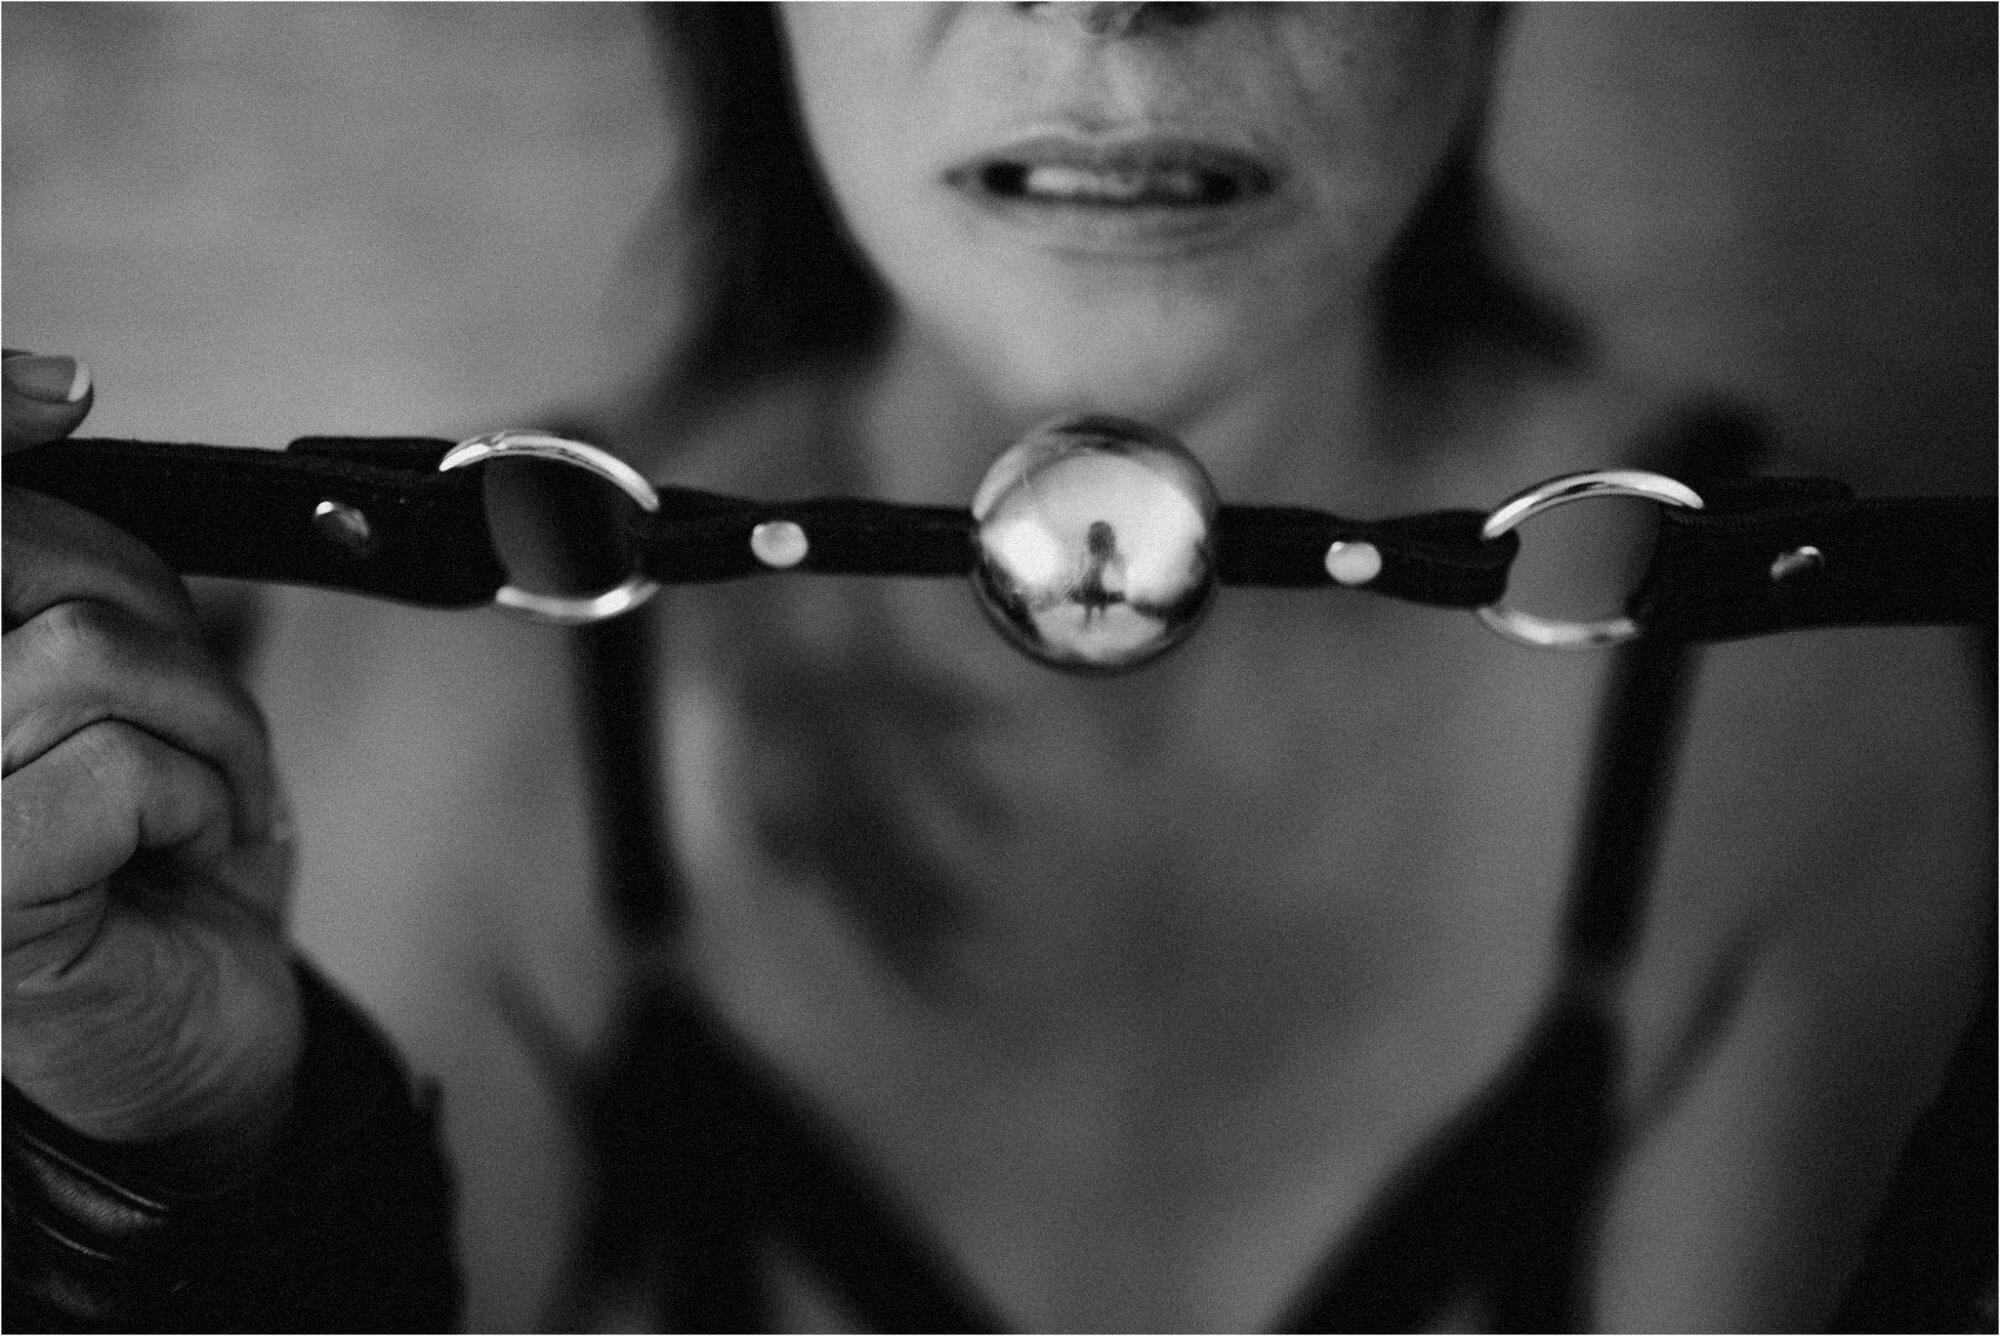 Jak urozmaicić seks – 5 nowych sposobów